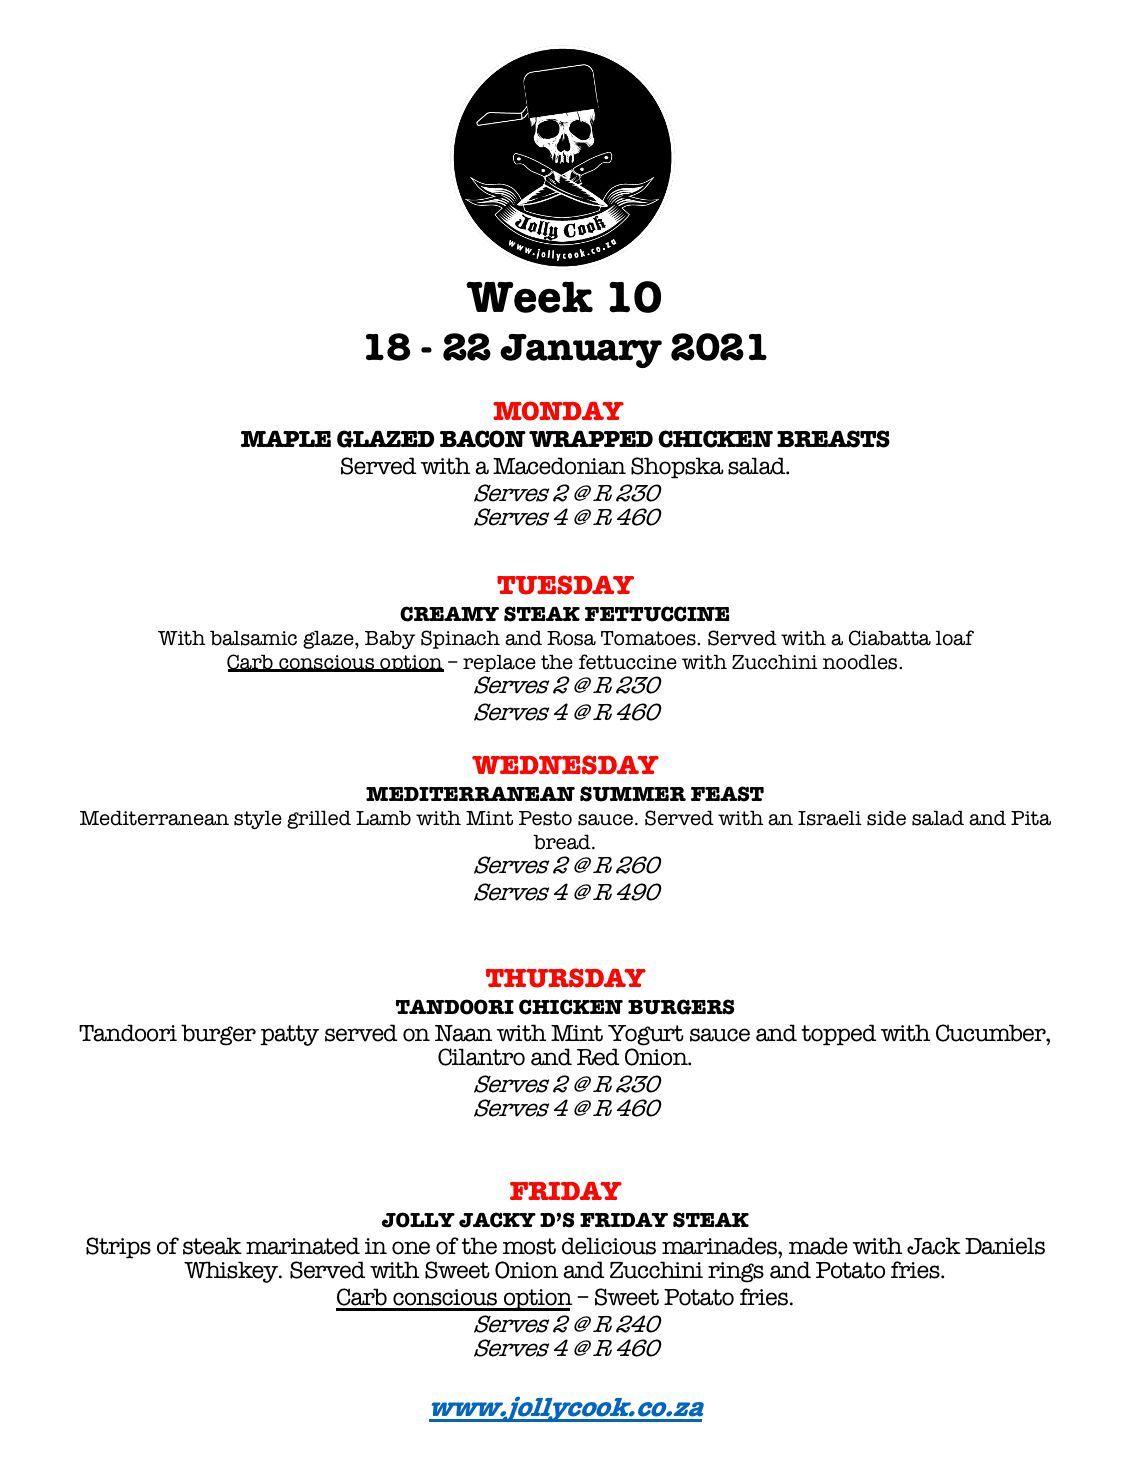 jolly cook week 10 menu